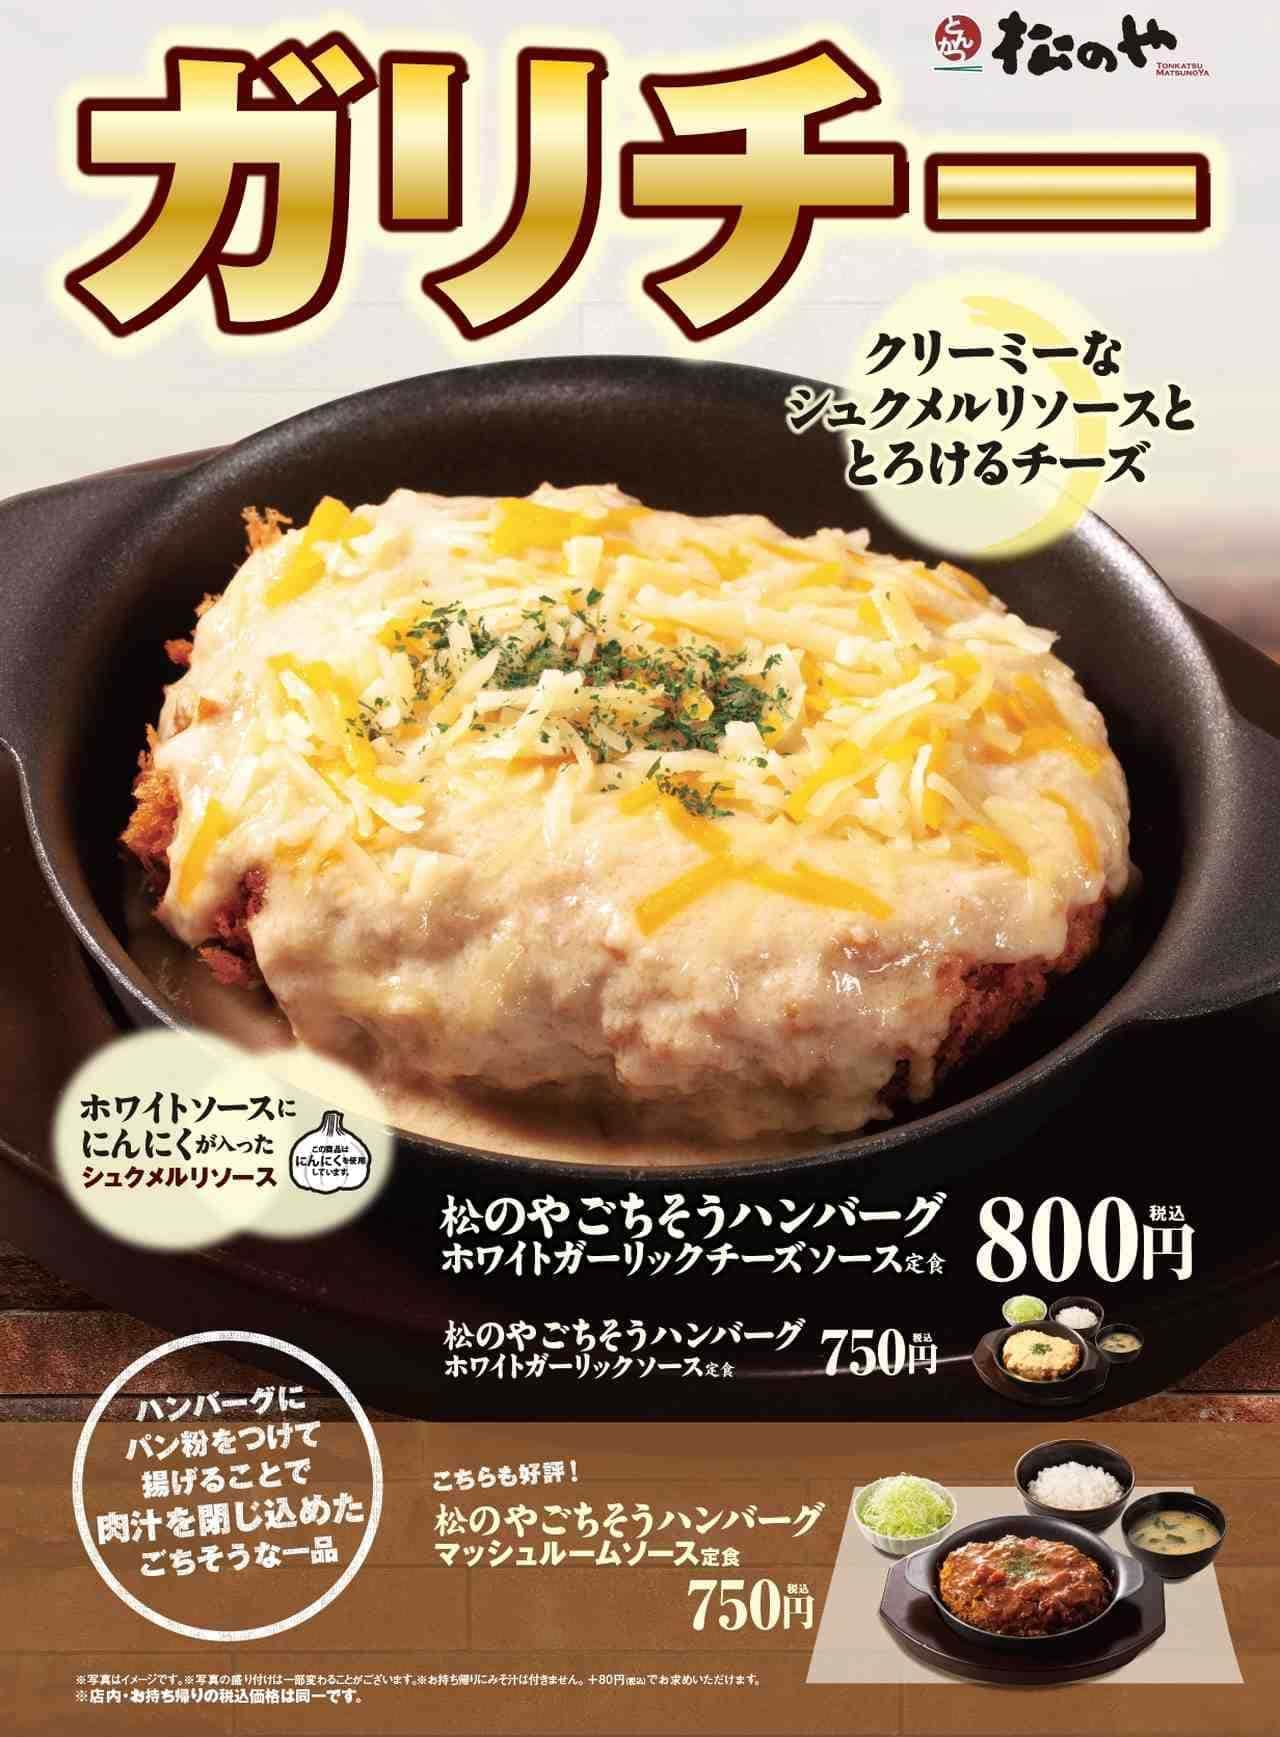 松のや「ごちそうハンバーグホワイトガーリックソース定食」